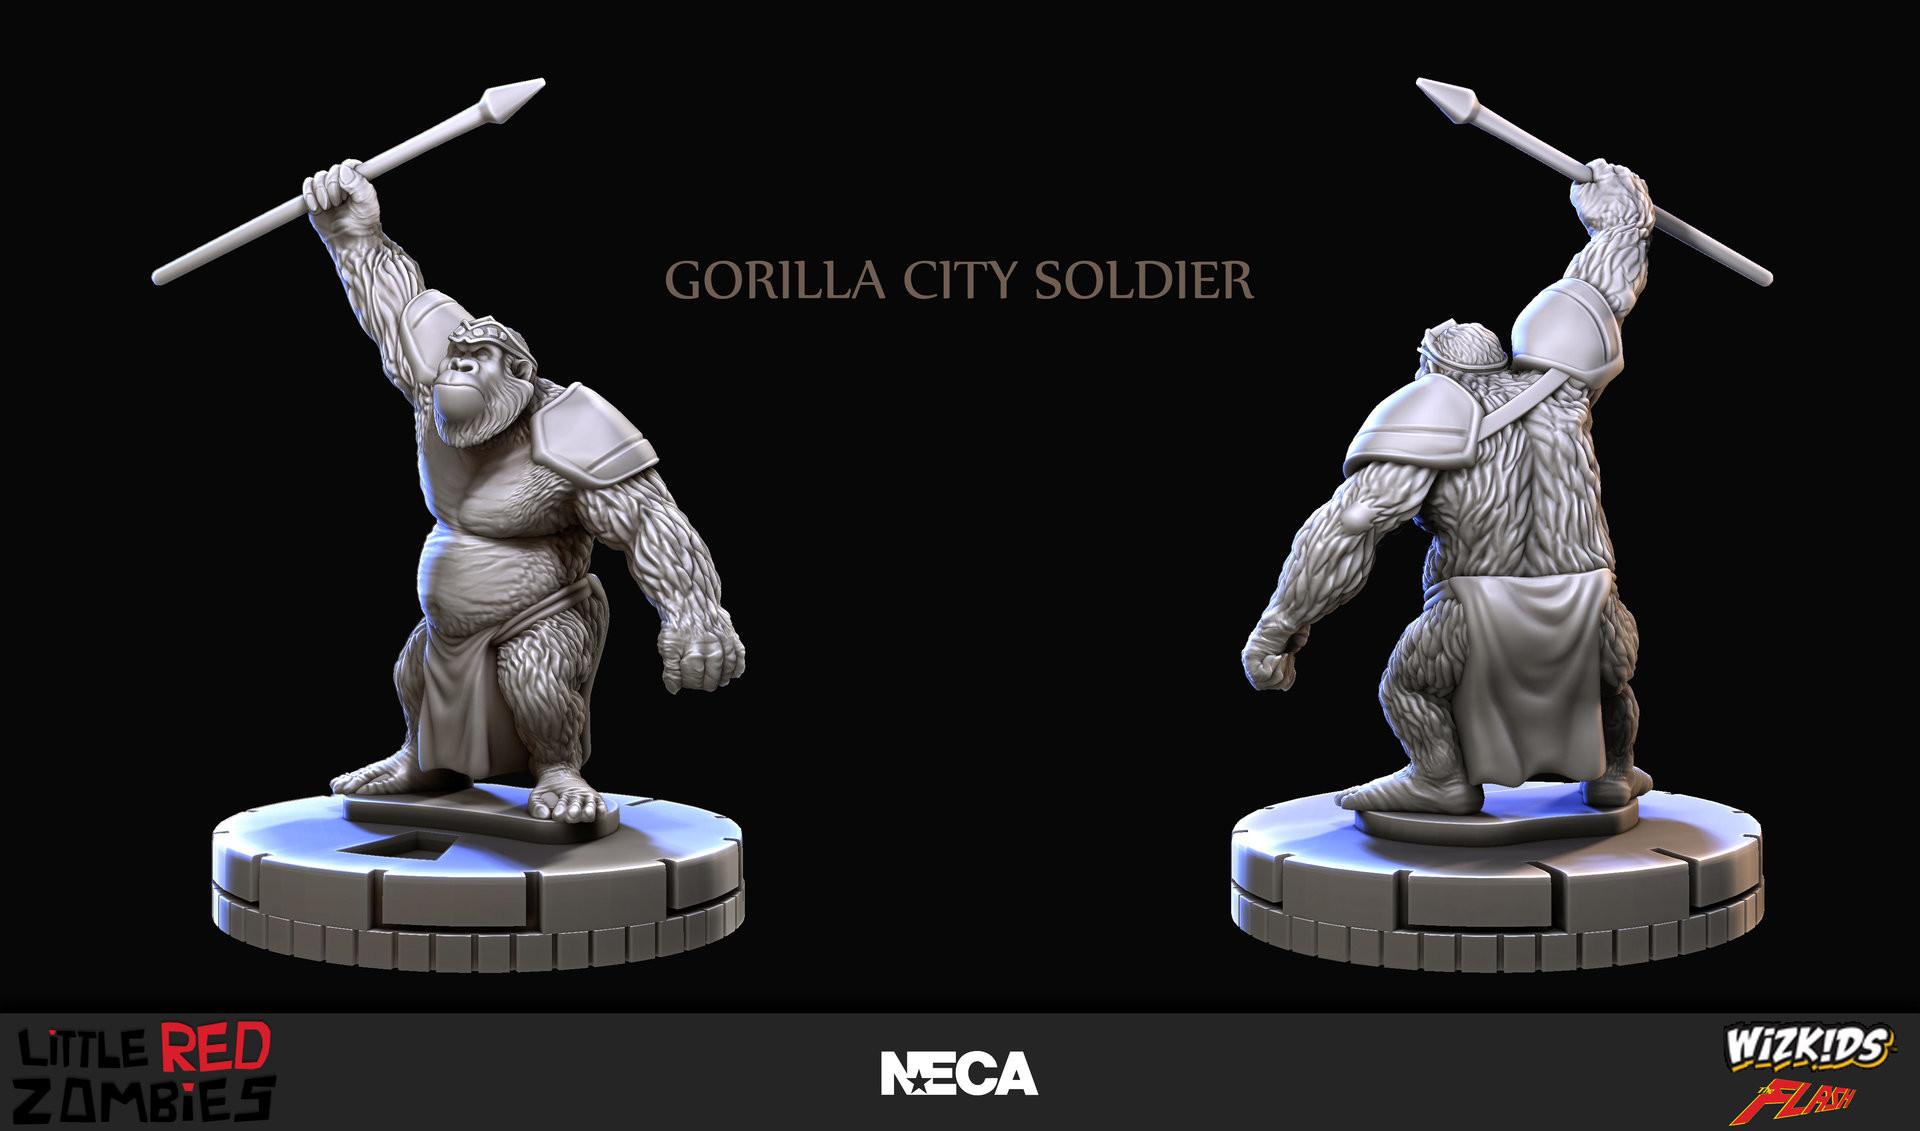 Tushank k jaiswal tushank k jaiswal flash gorillacitysoldier